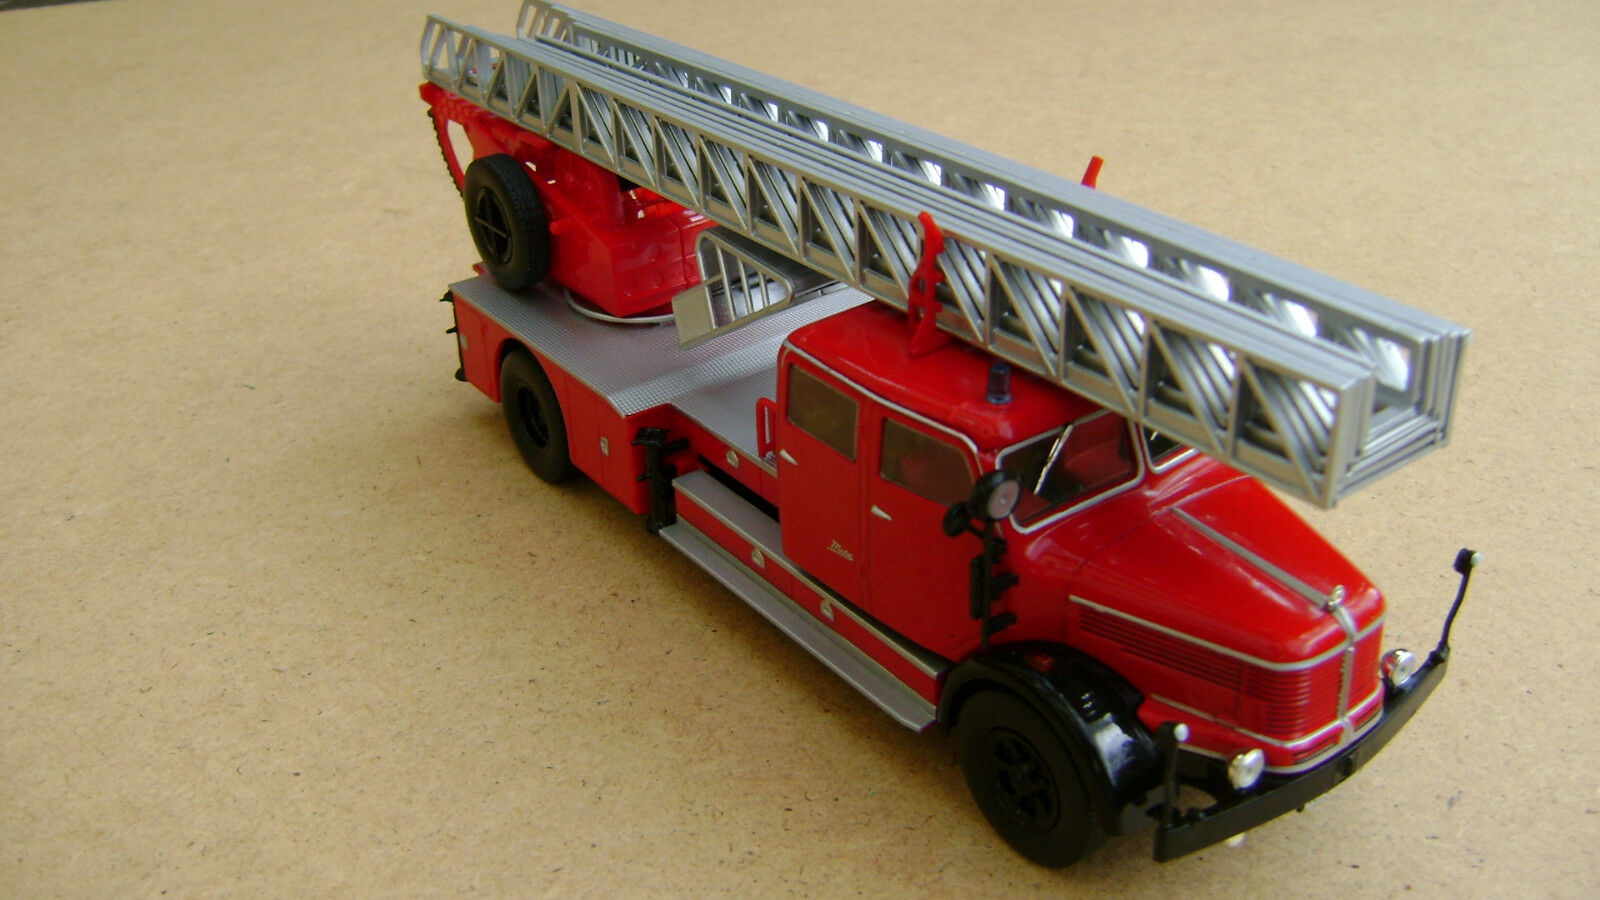 Krupp Tiger DL52 Metz Drehleiter Feuerwehr 1 43 von IXO neu    Bestellung willkommen